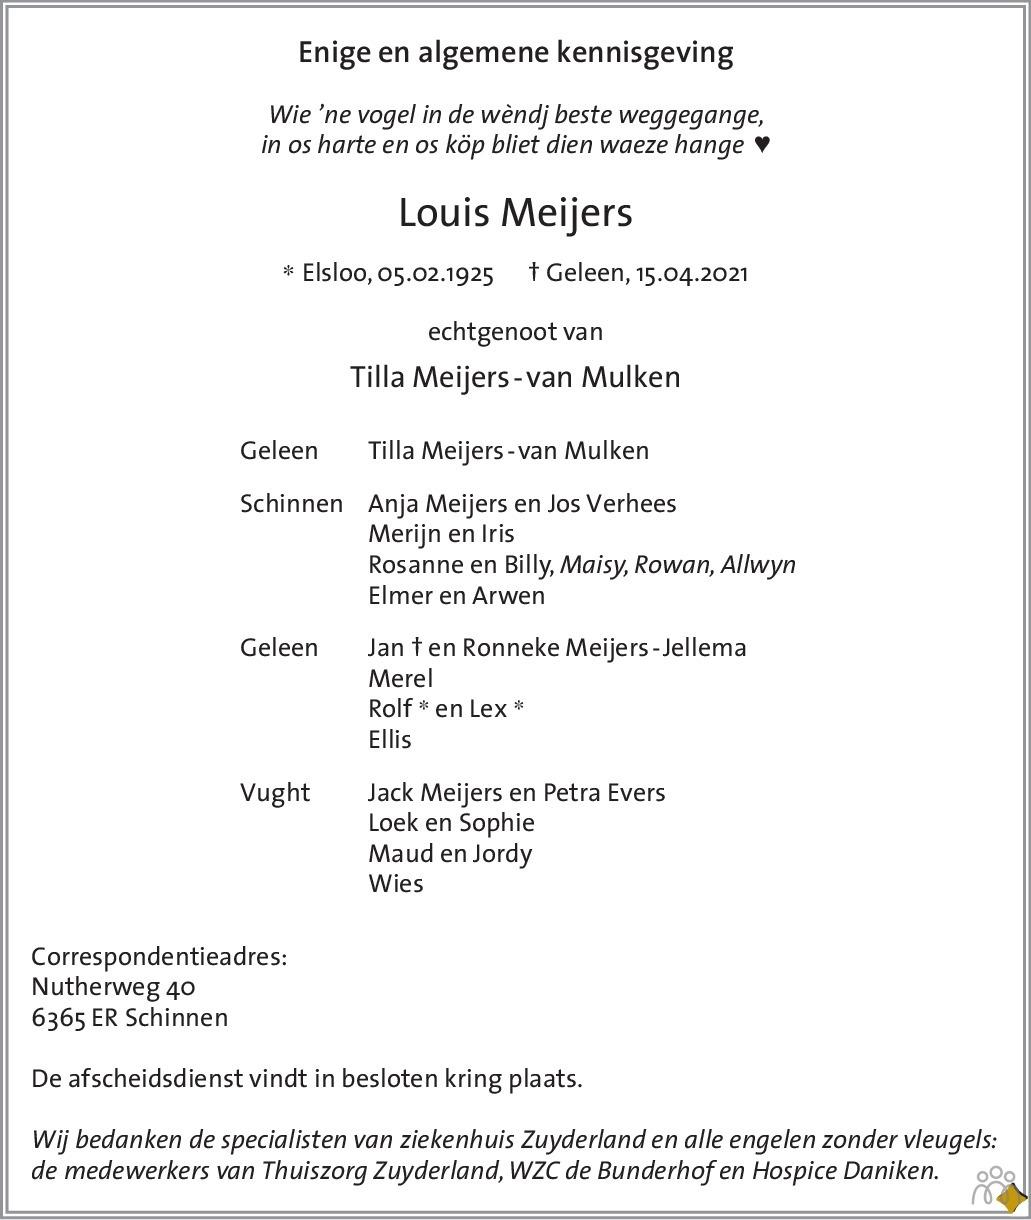 Overlijdensbericht van Louis Meijers in De Limburger